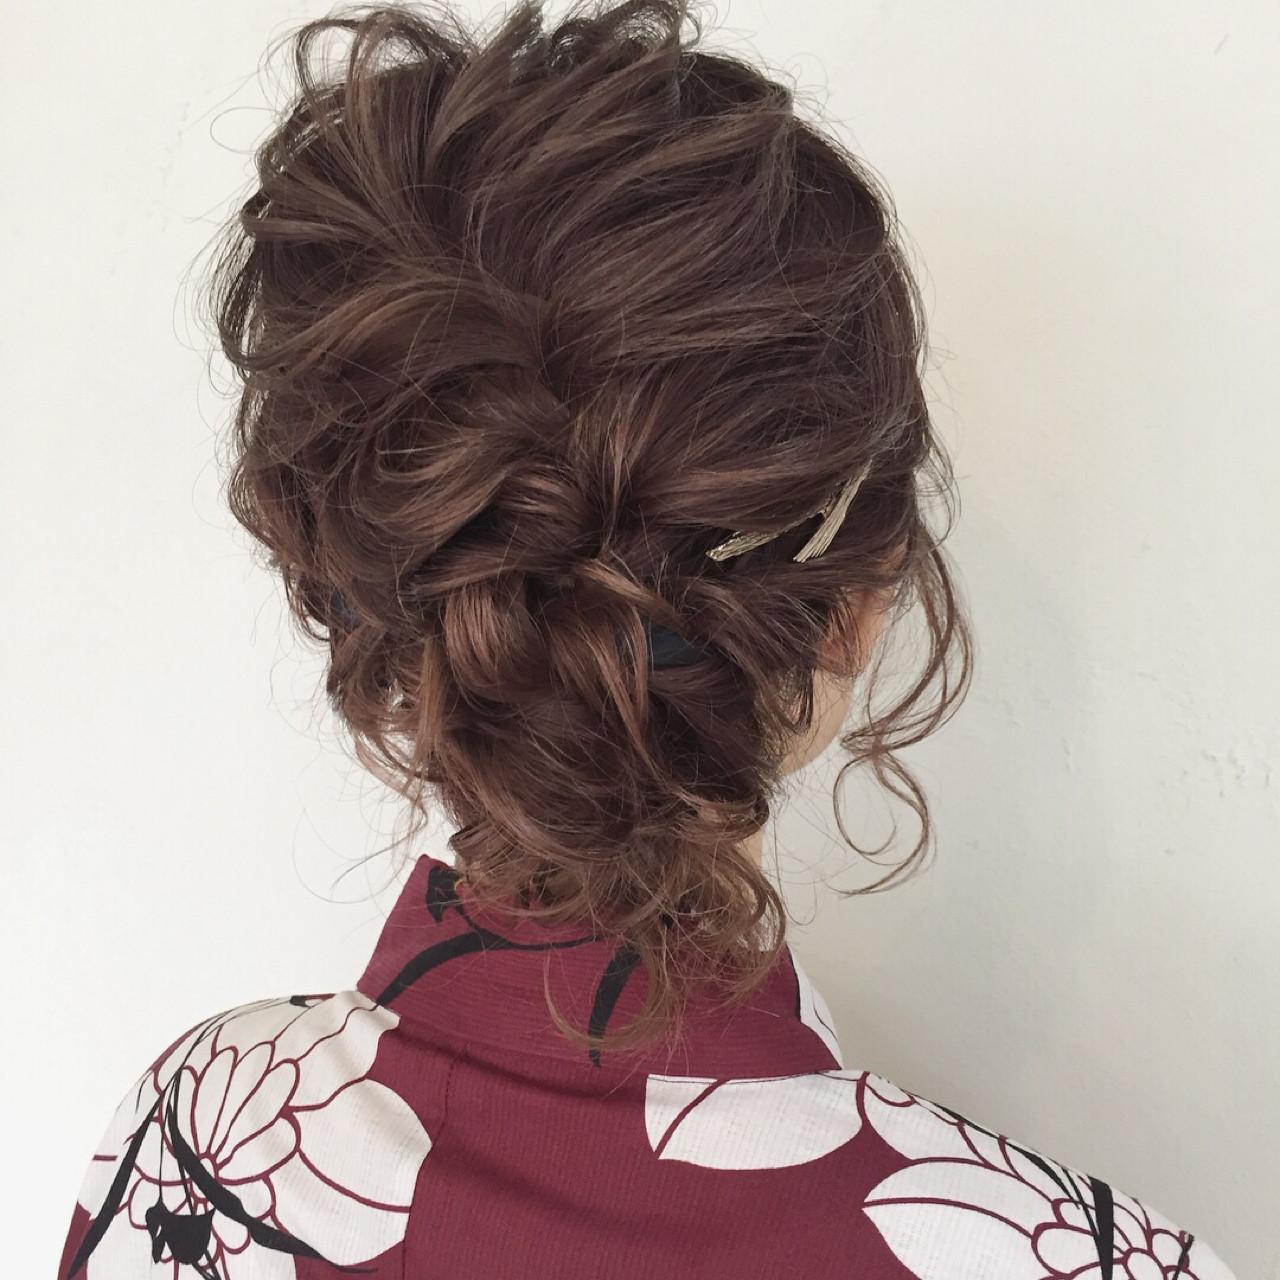 デート お祭り 花火大会 フェミニン ヘアスタイルや髪型の写真・画像 | maco / ange